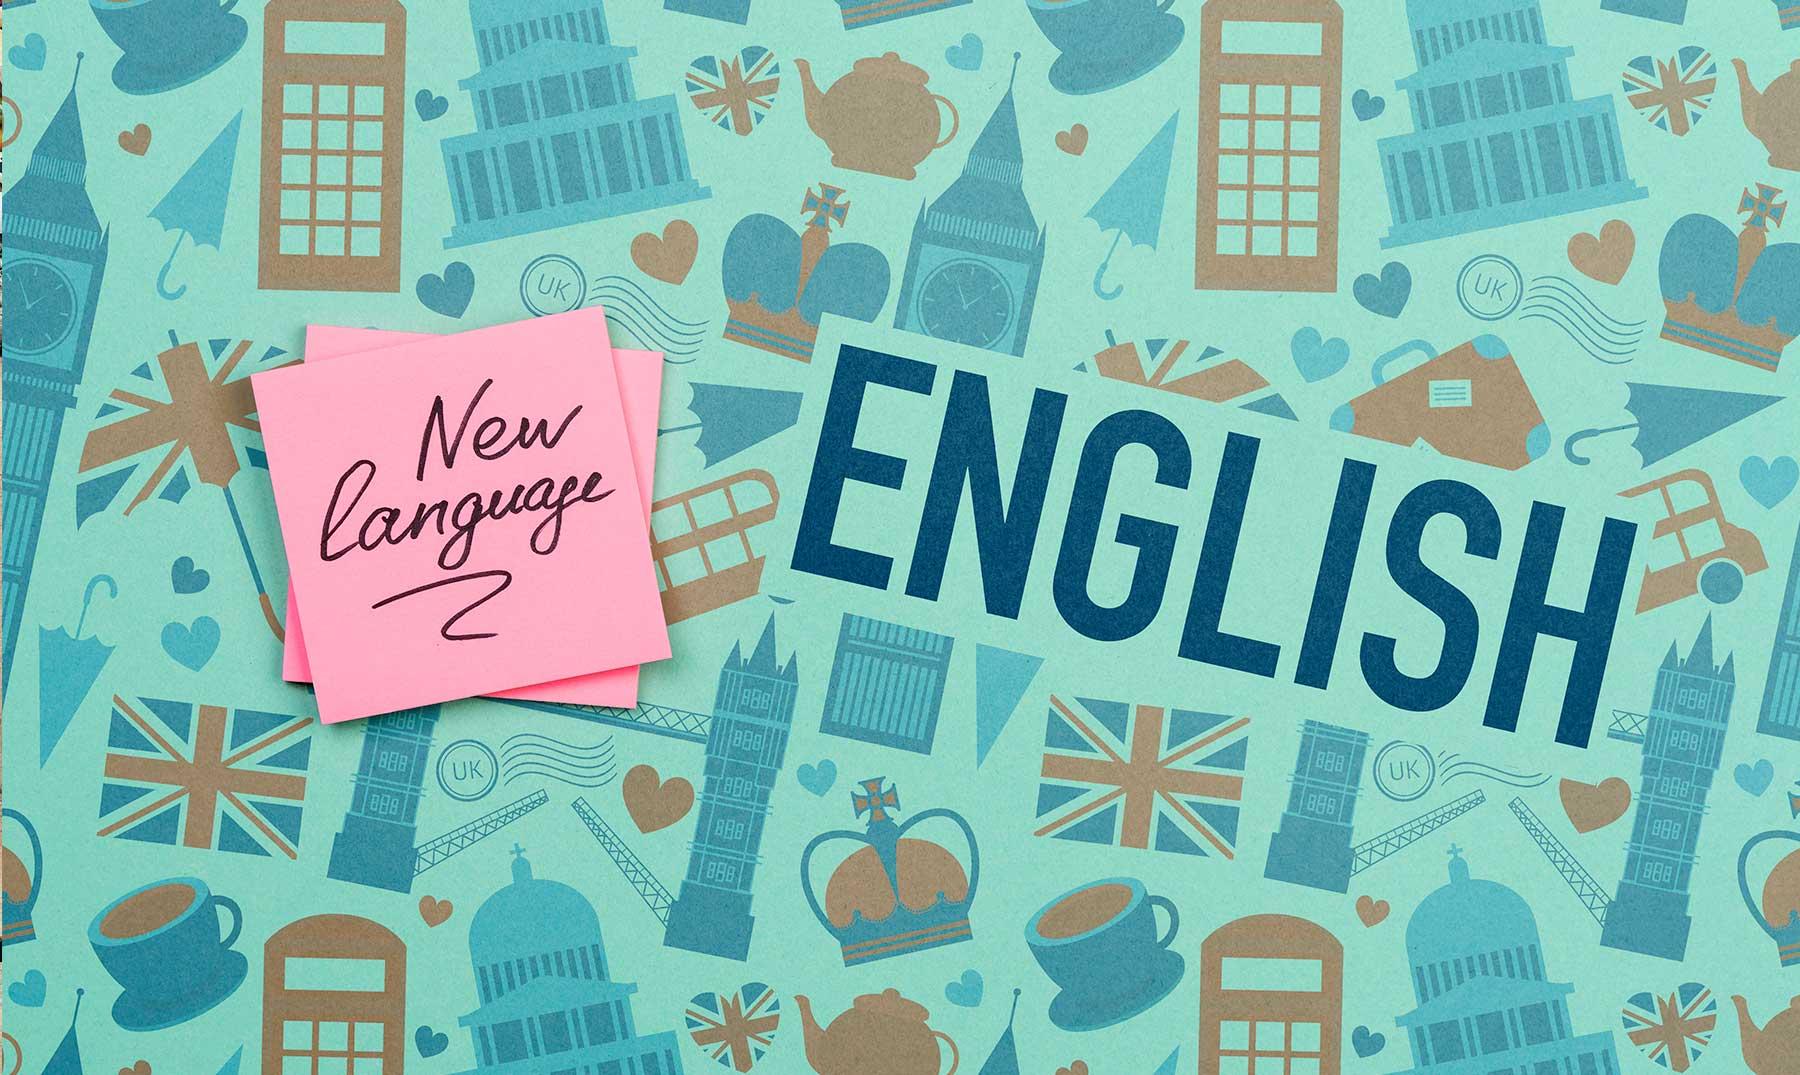 mejores aplicaciones para aprender inglés gratis